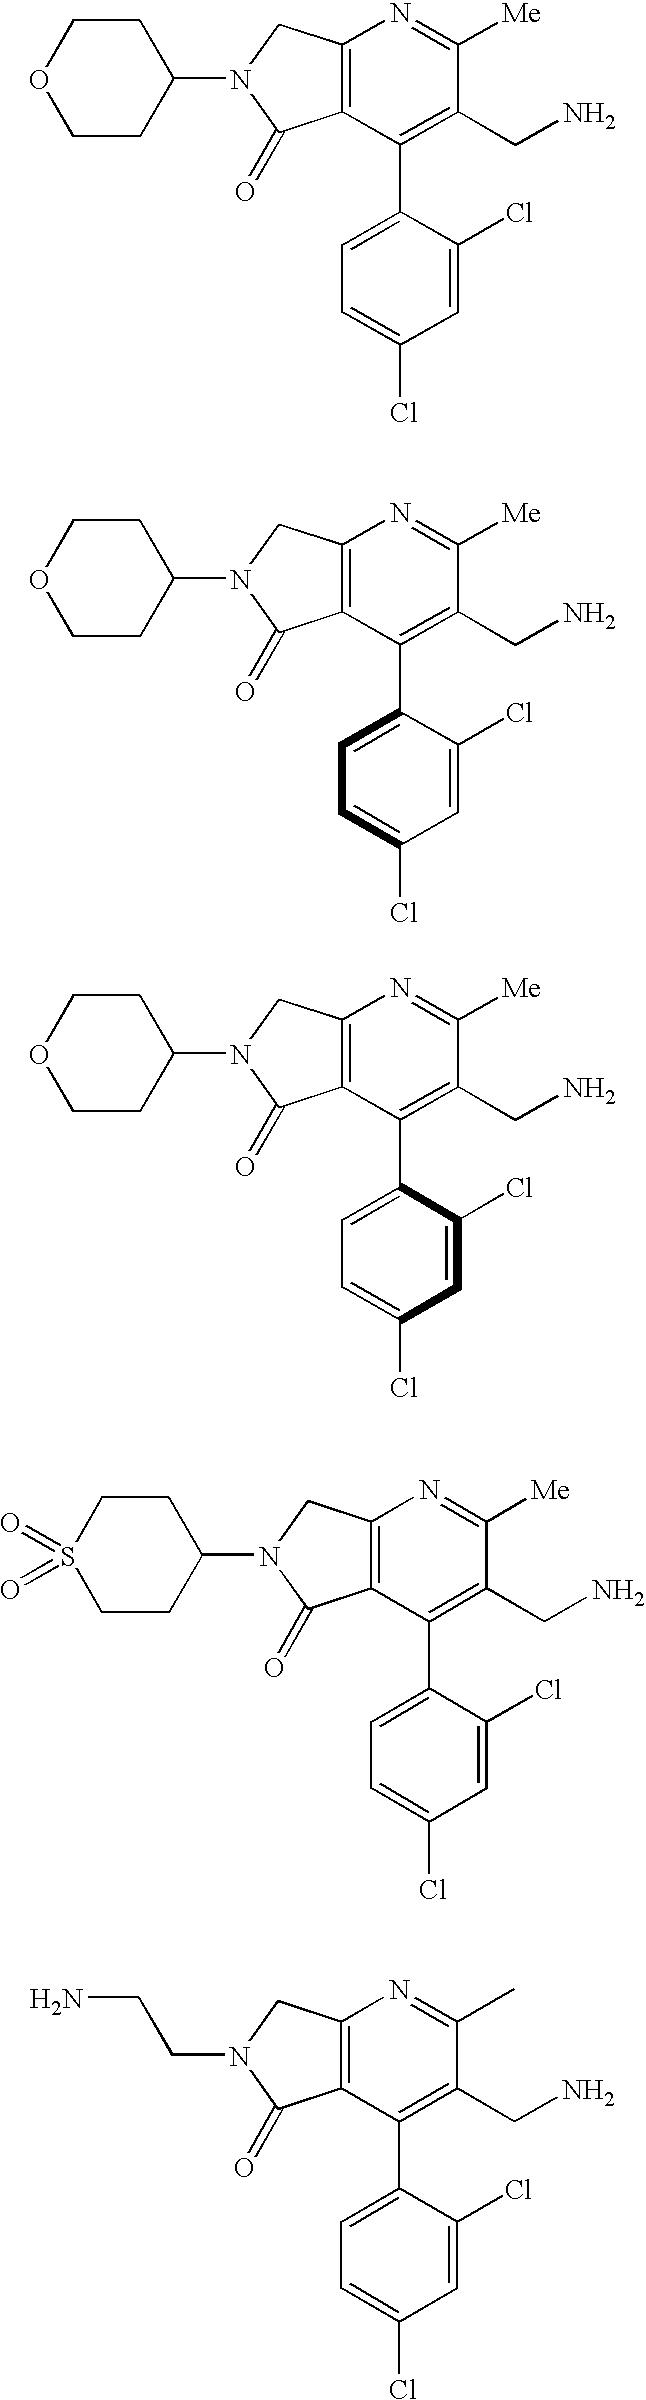 Figure US07521557-20090421-C00023